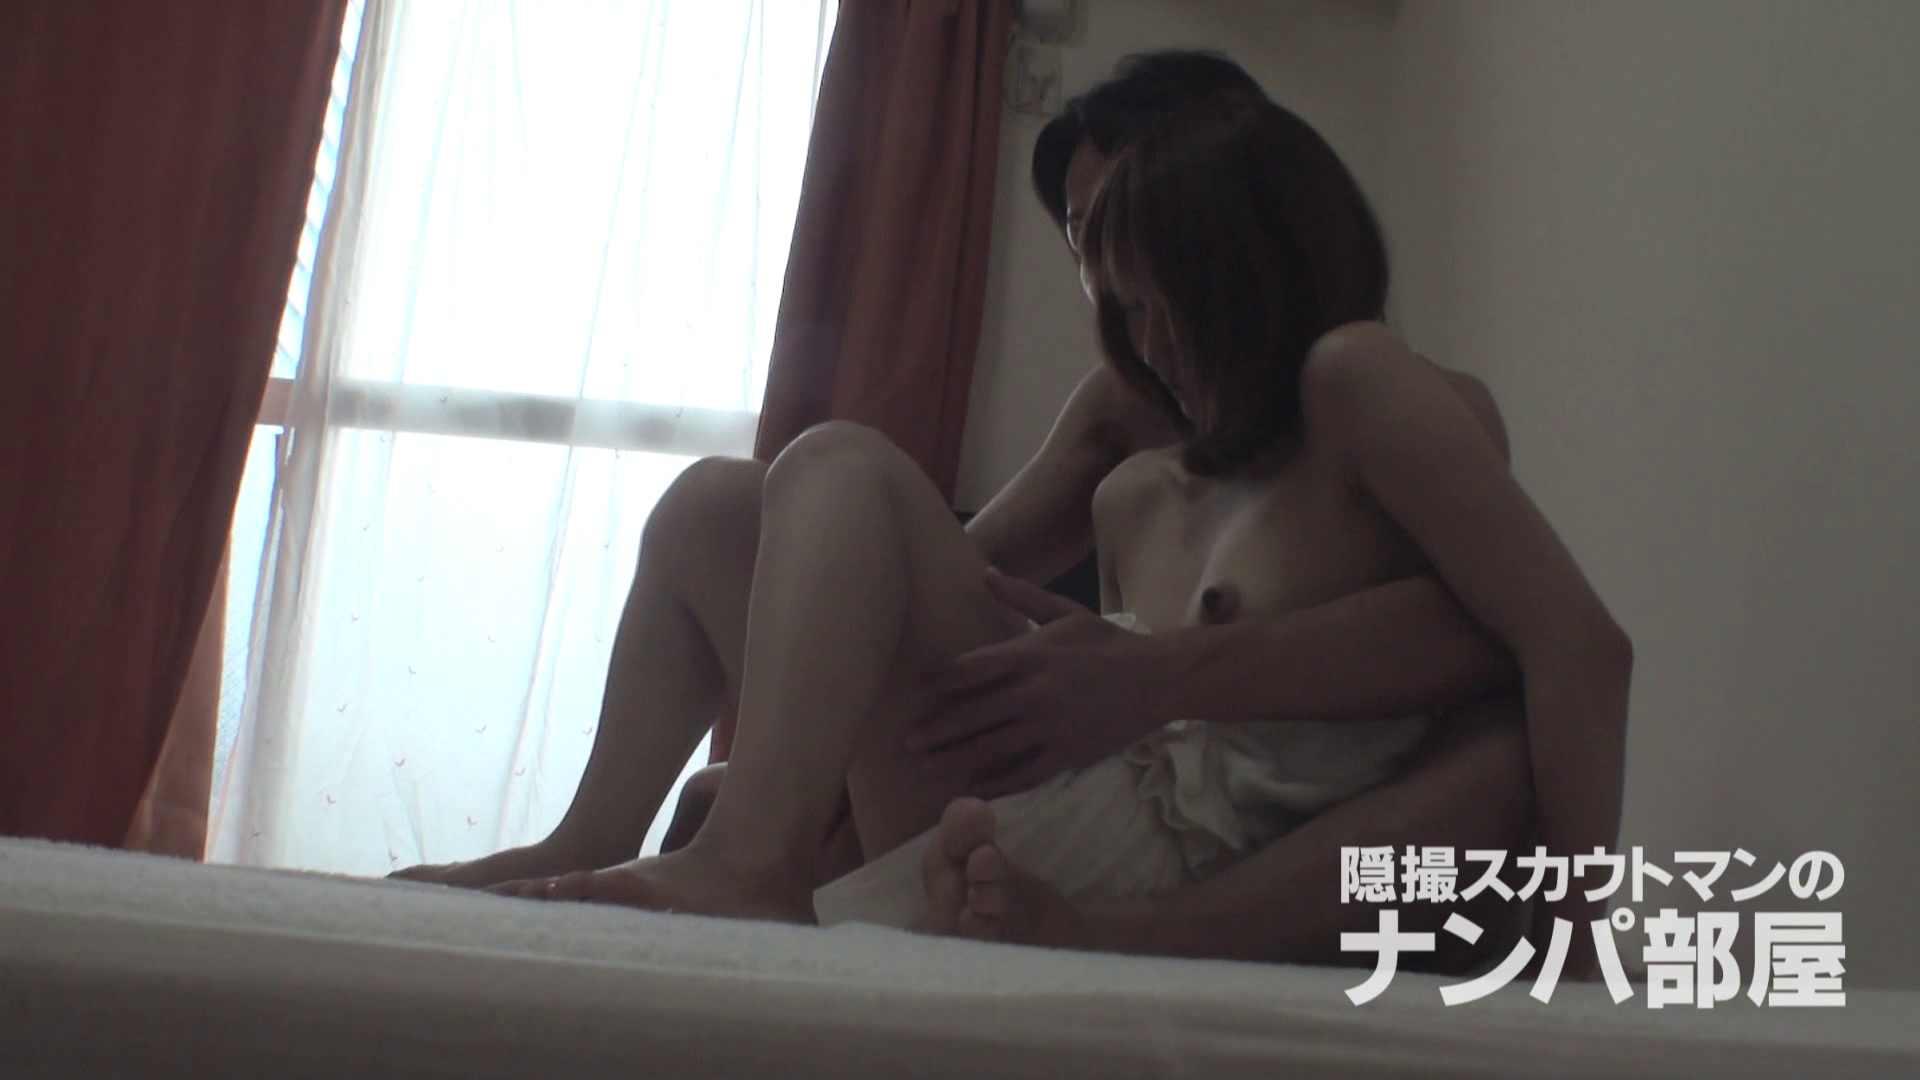 隠撮スカウトマンのナンパ部屋~風俗デビュー前のつまみ食い~ sii 隠撮  94pic 69